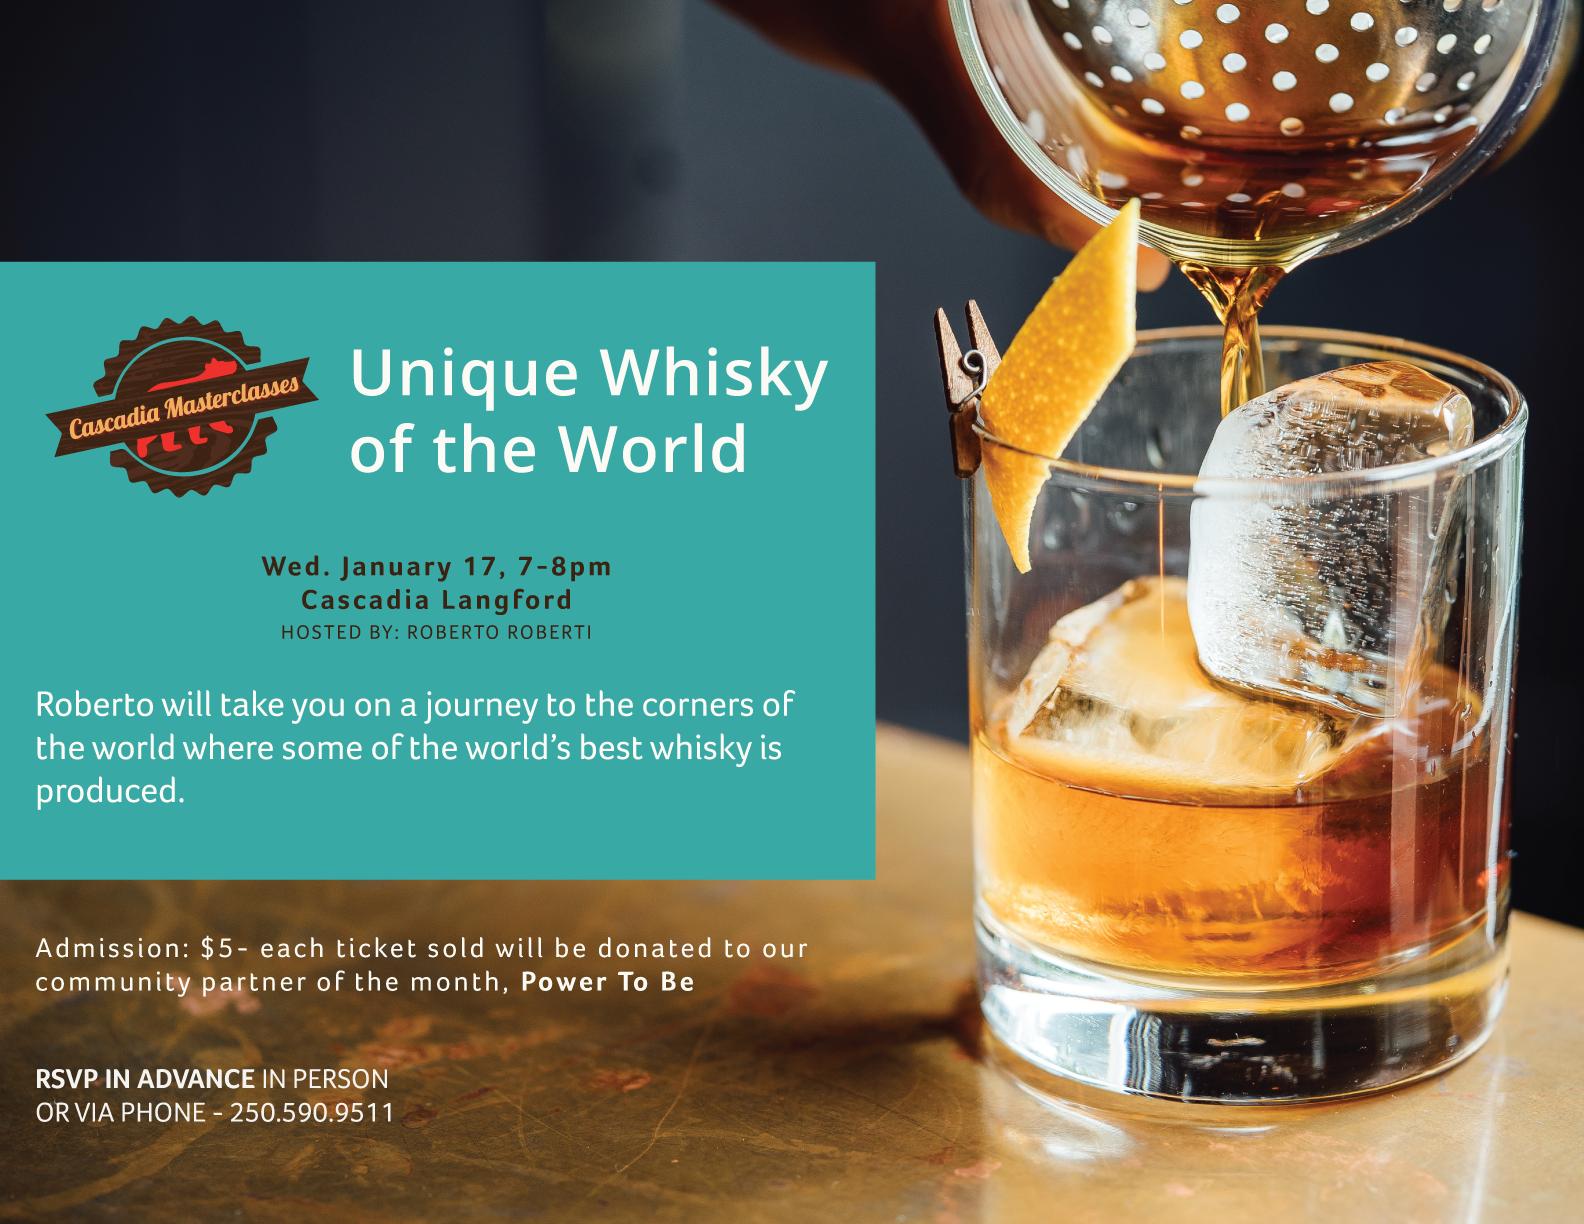 unique whisky